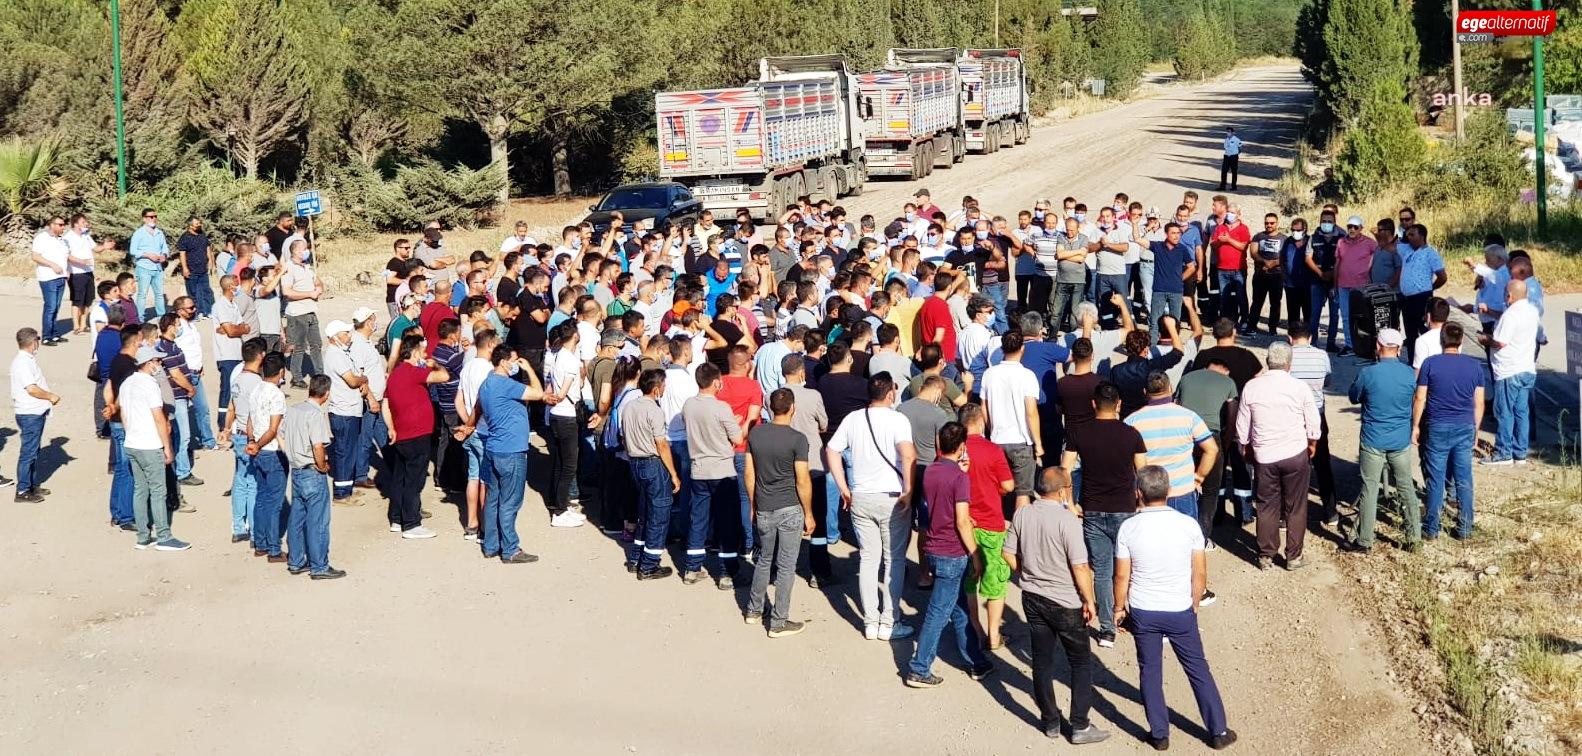 Muğlalı işçilerden üztersiz izin eylemi!